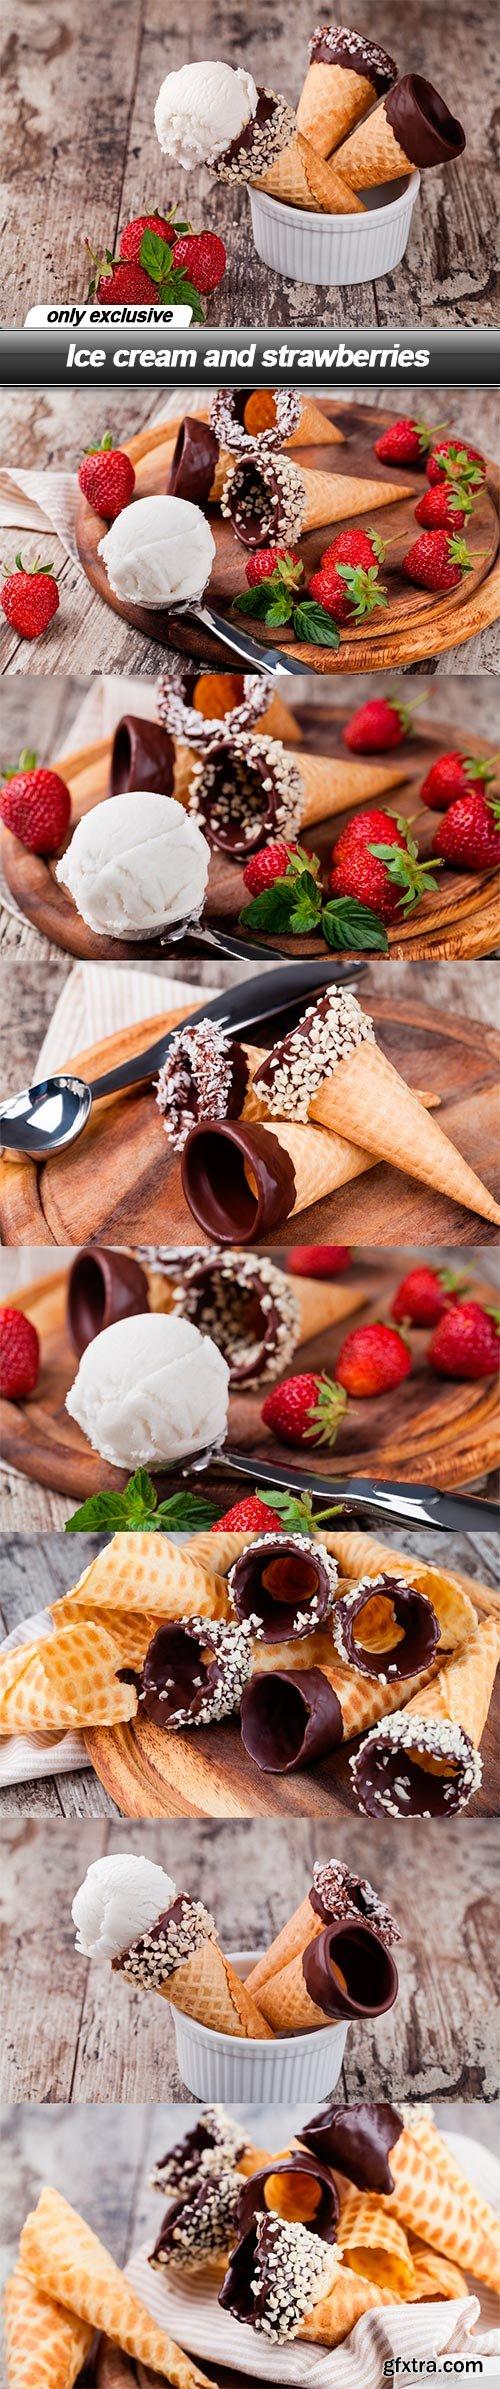 Ice cream and strawberries - 8 UHQ JPEG